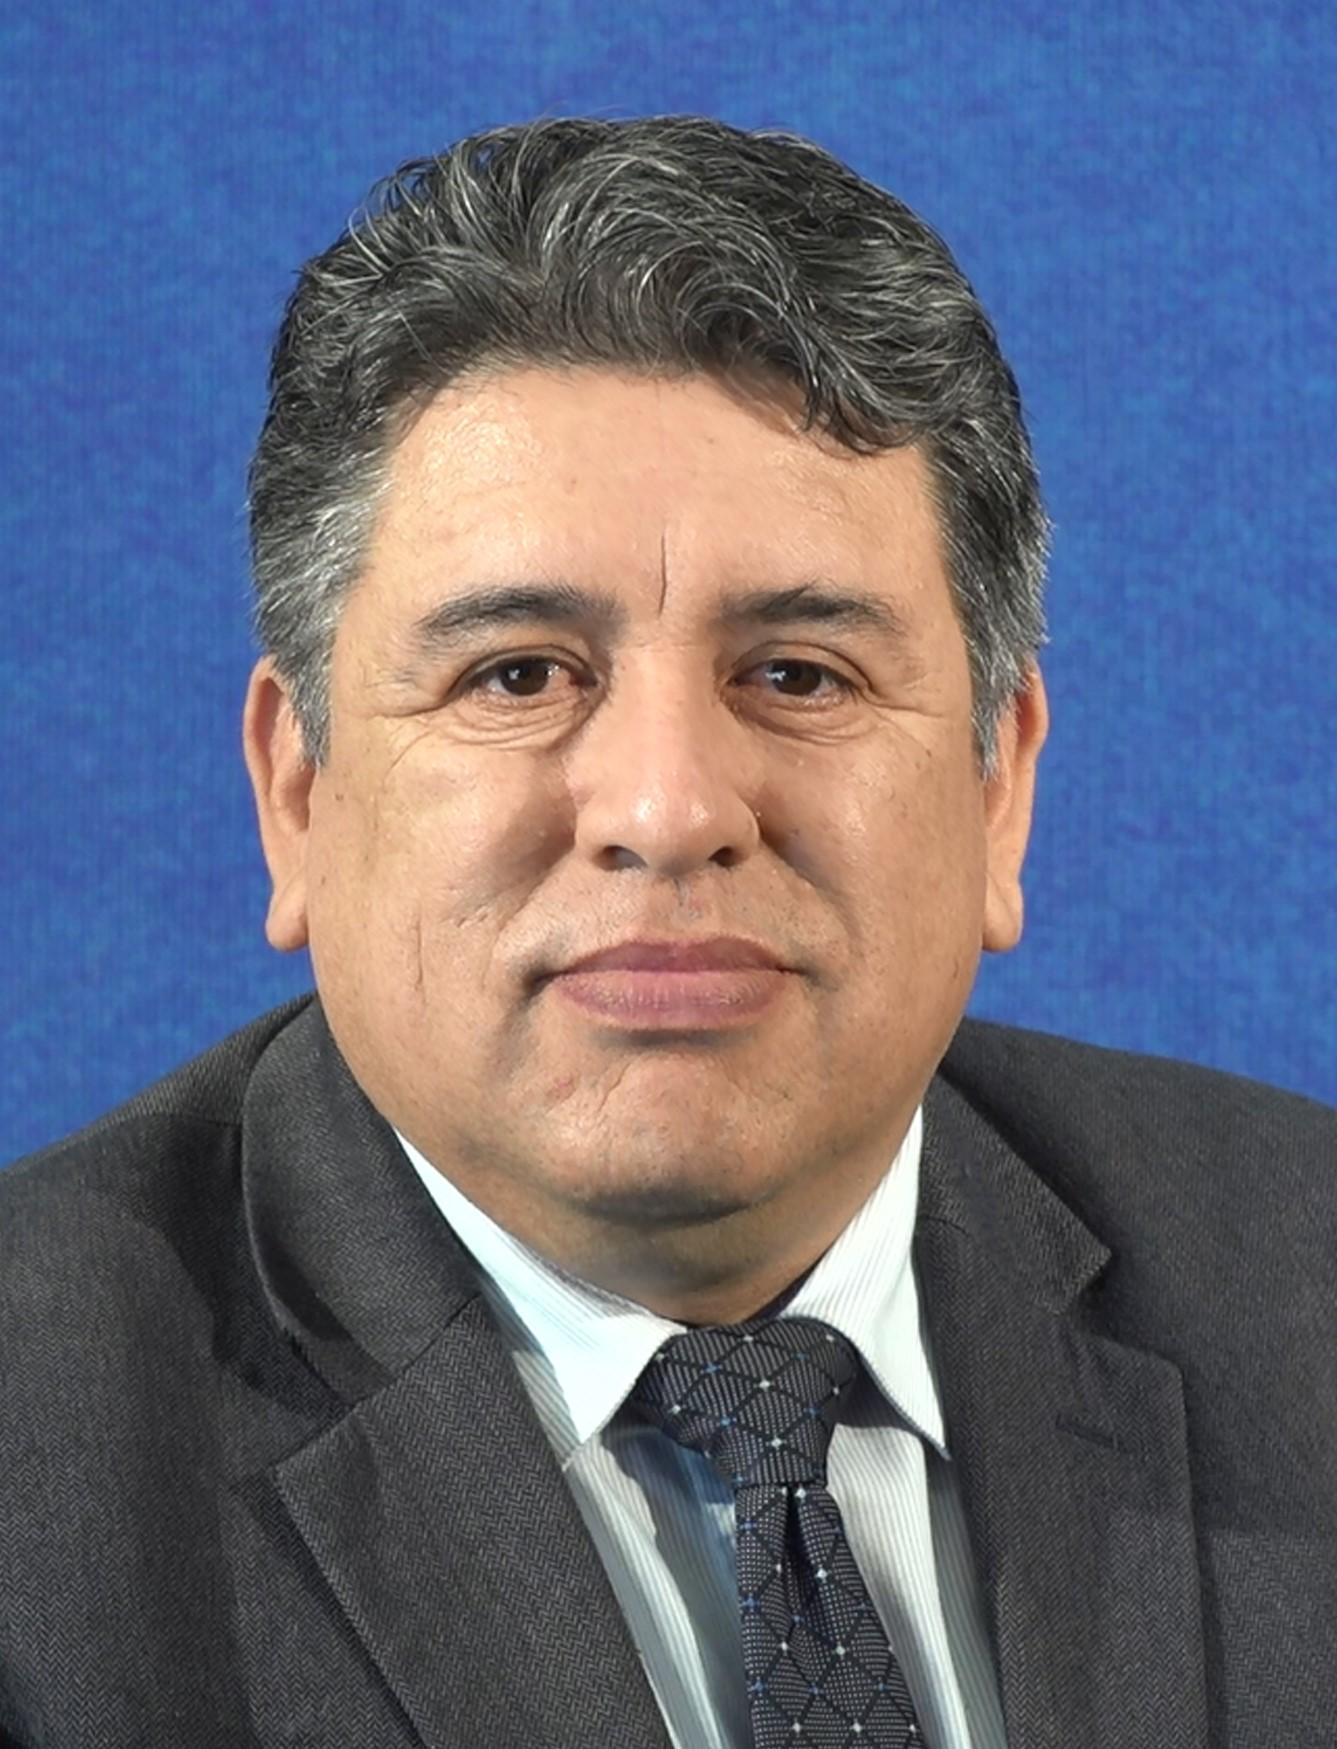 Pedro Hernandez pic